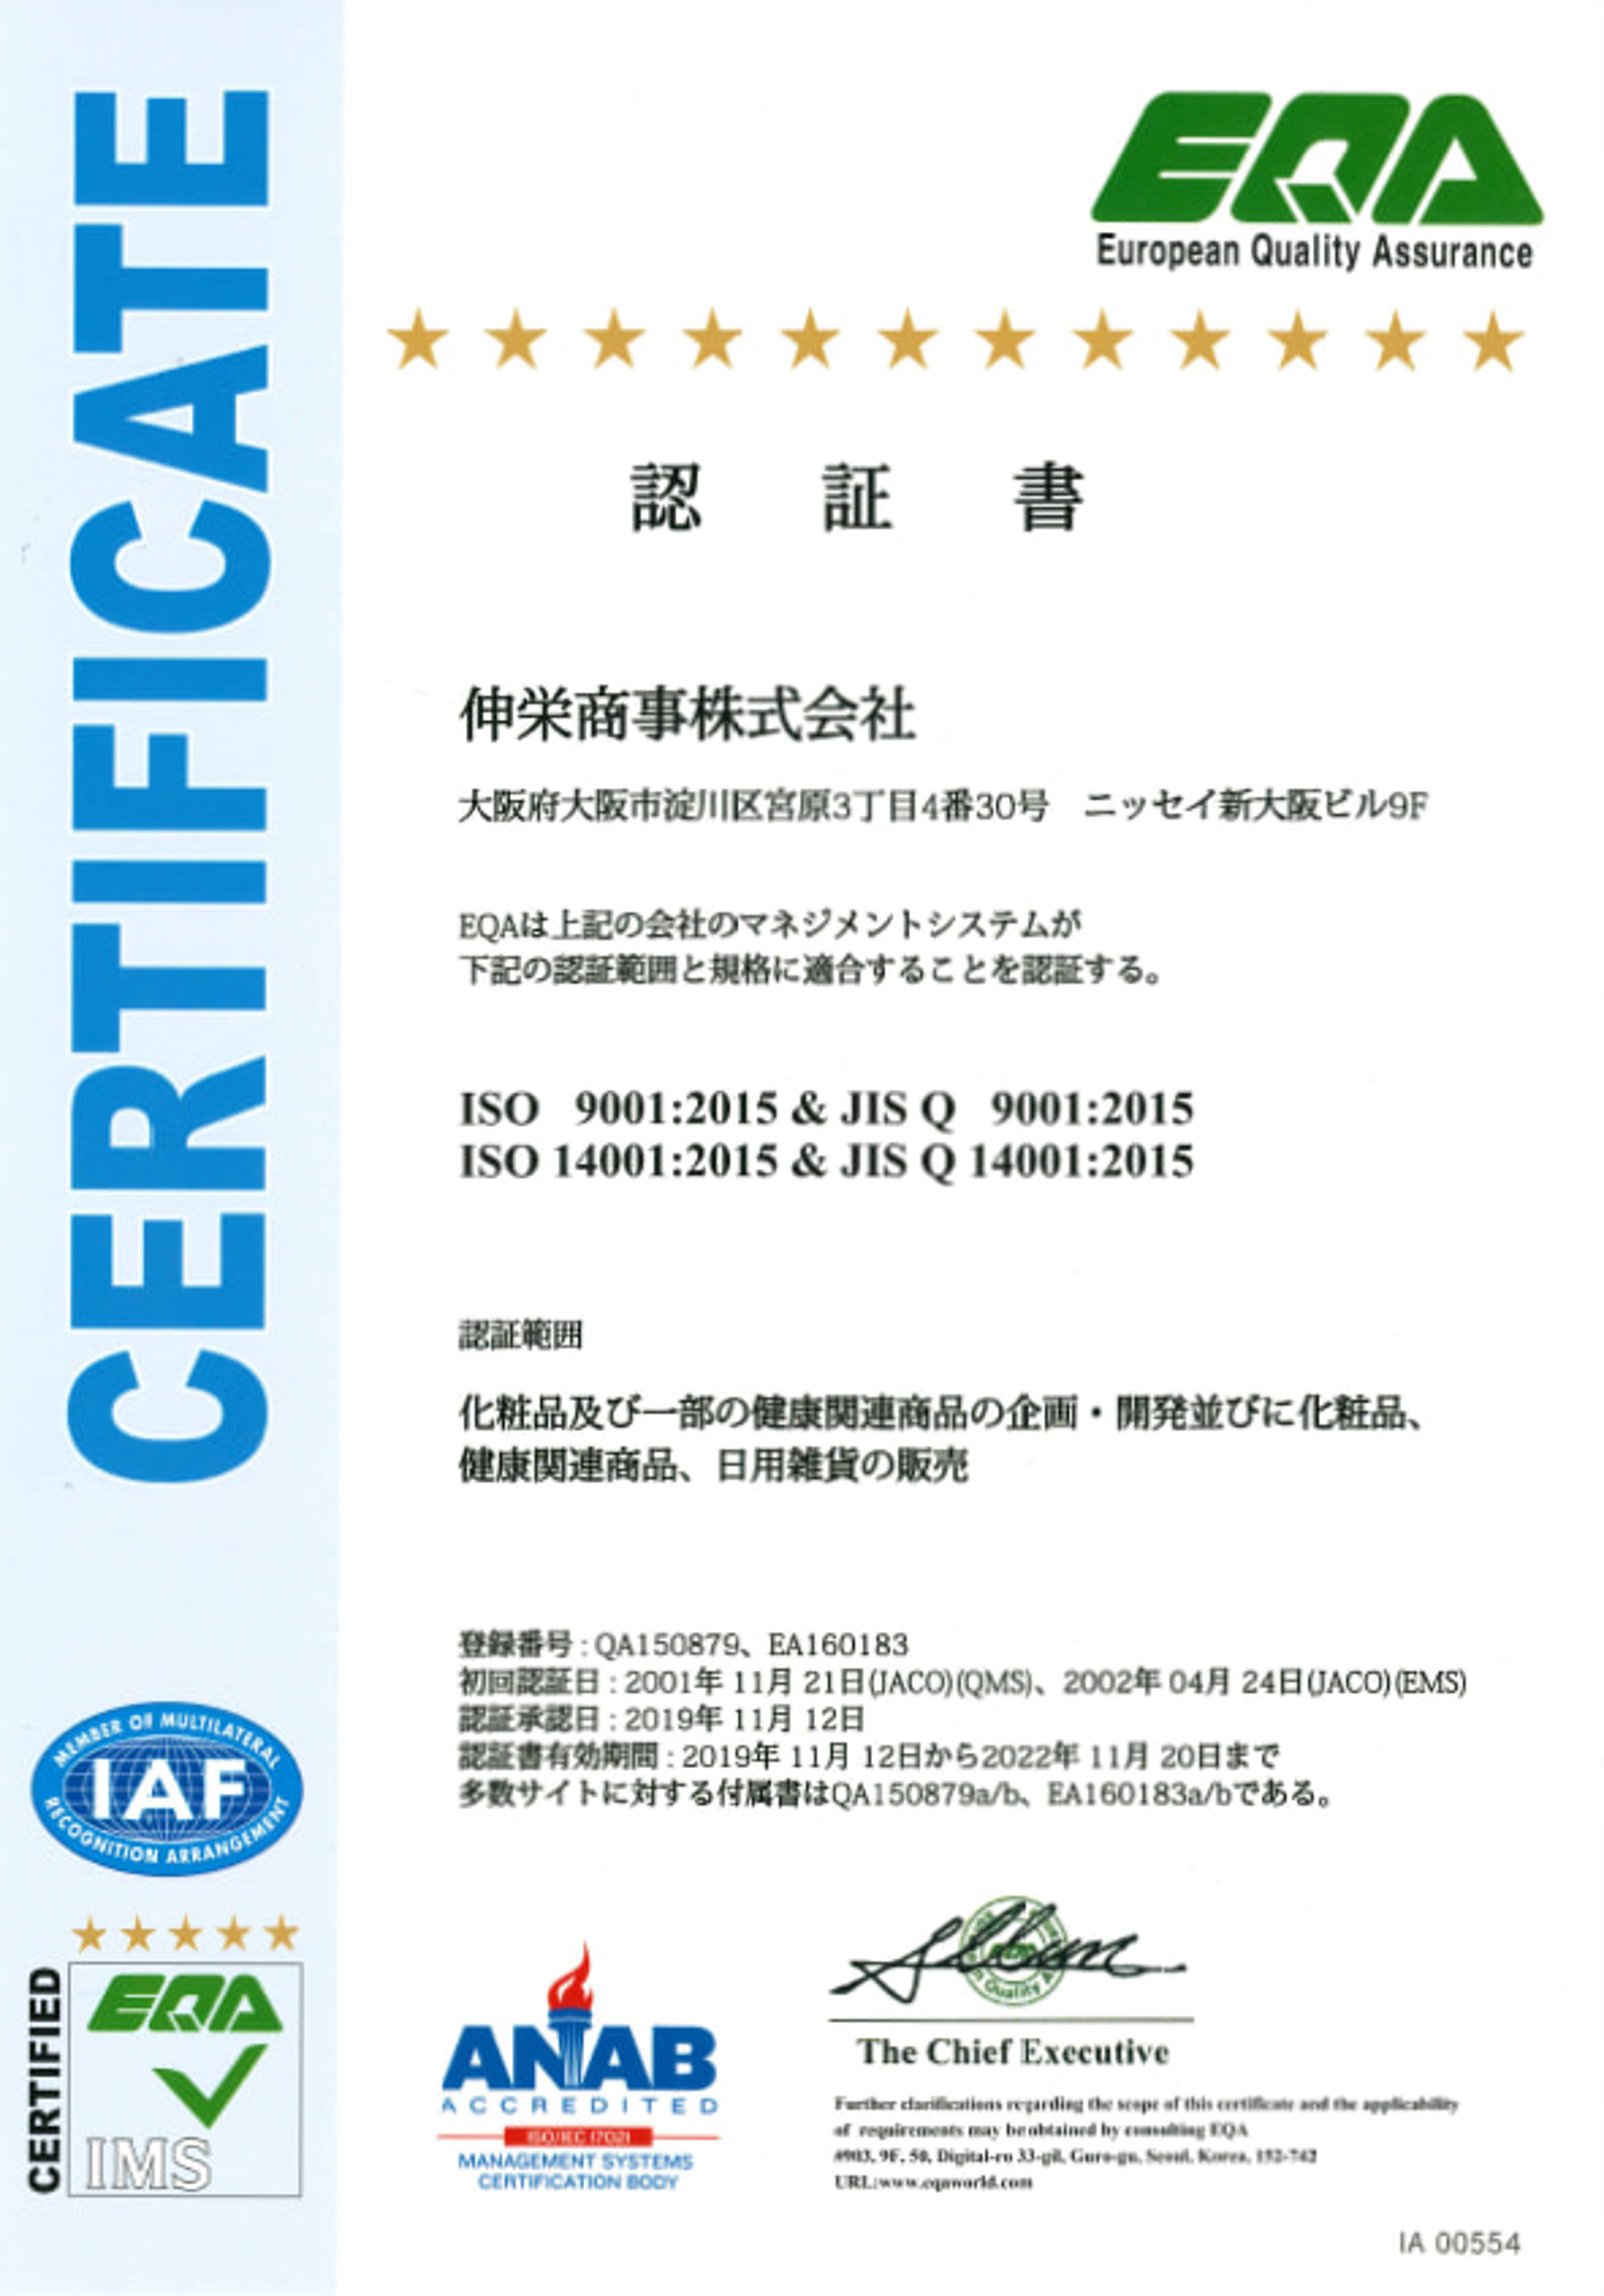 伸栄商事株式会社 | 国際標準化機構(ISO)